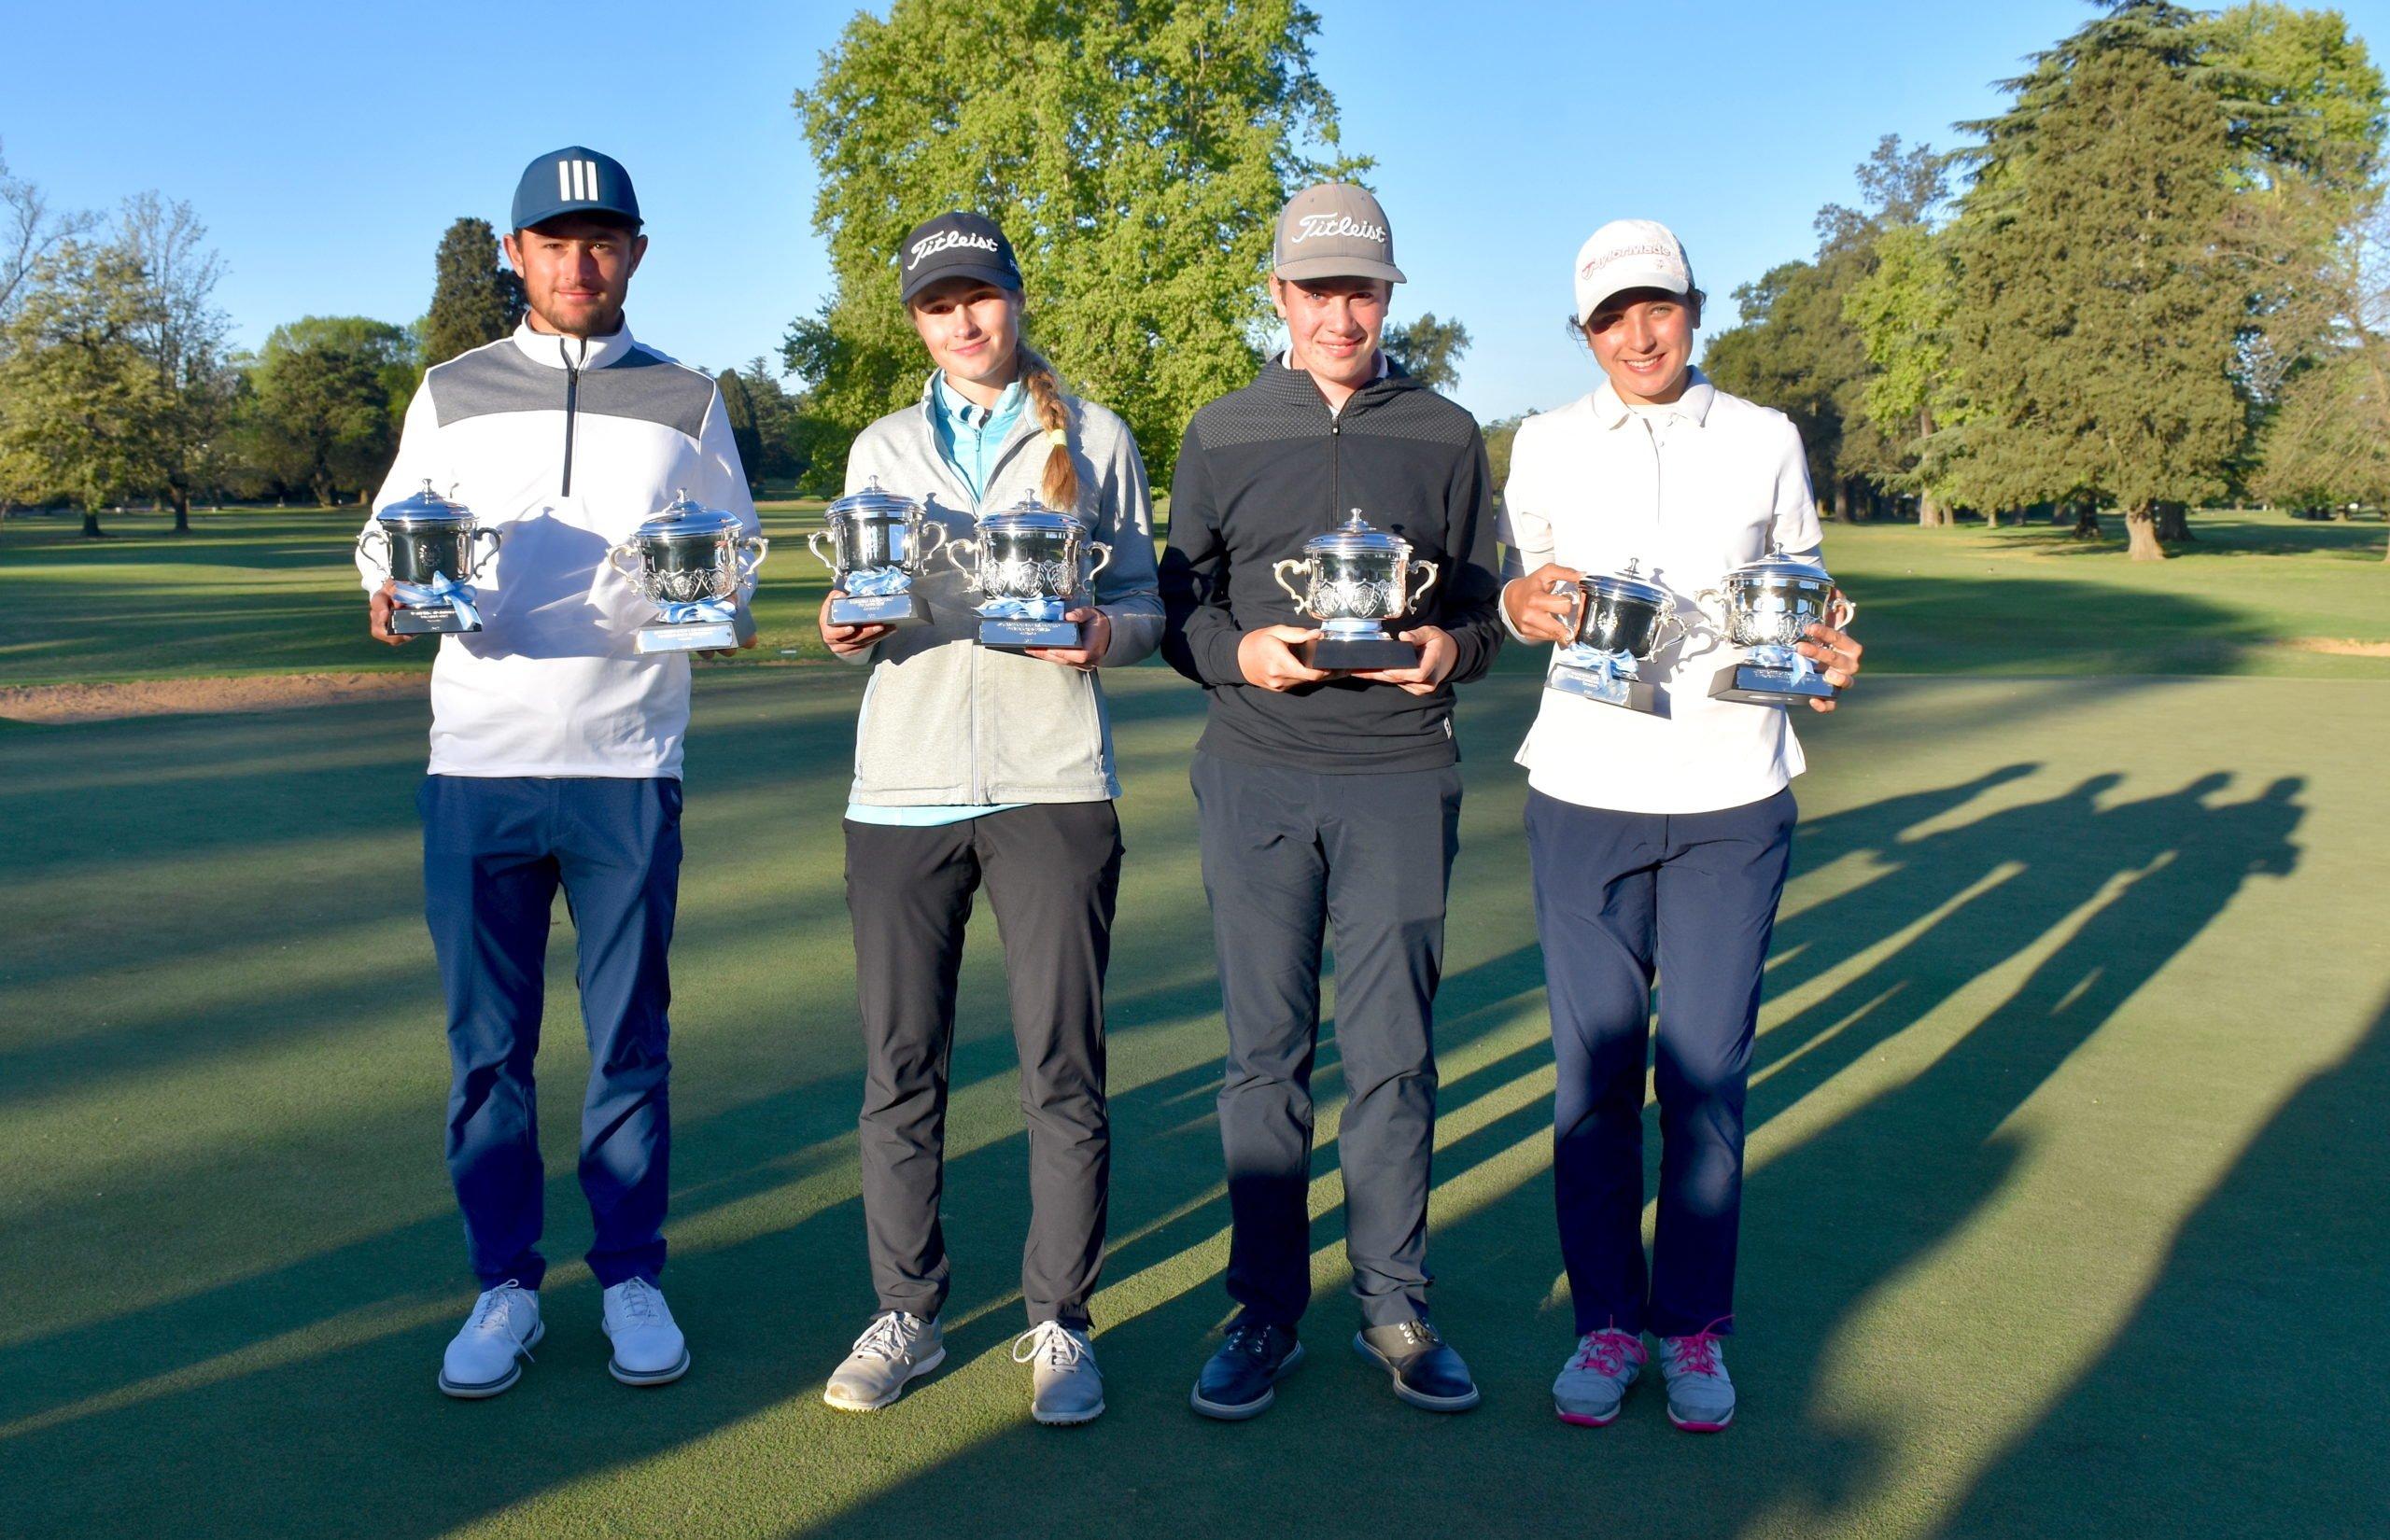 La piquense, Clementina Castaño, se consagró como Campeona Argentina de Menores de 15 años en Golf